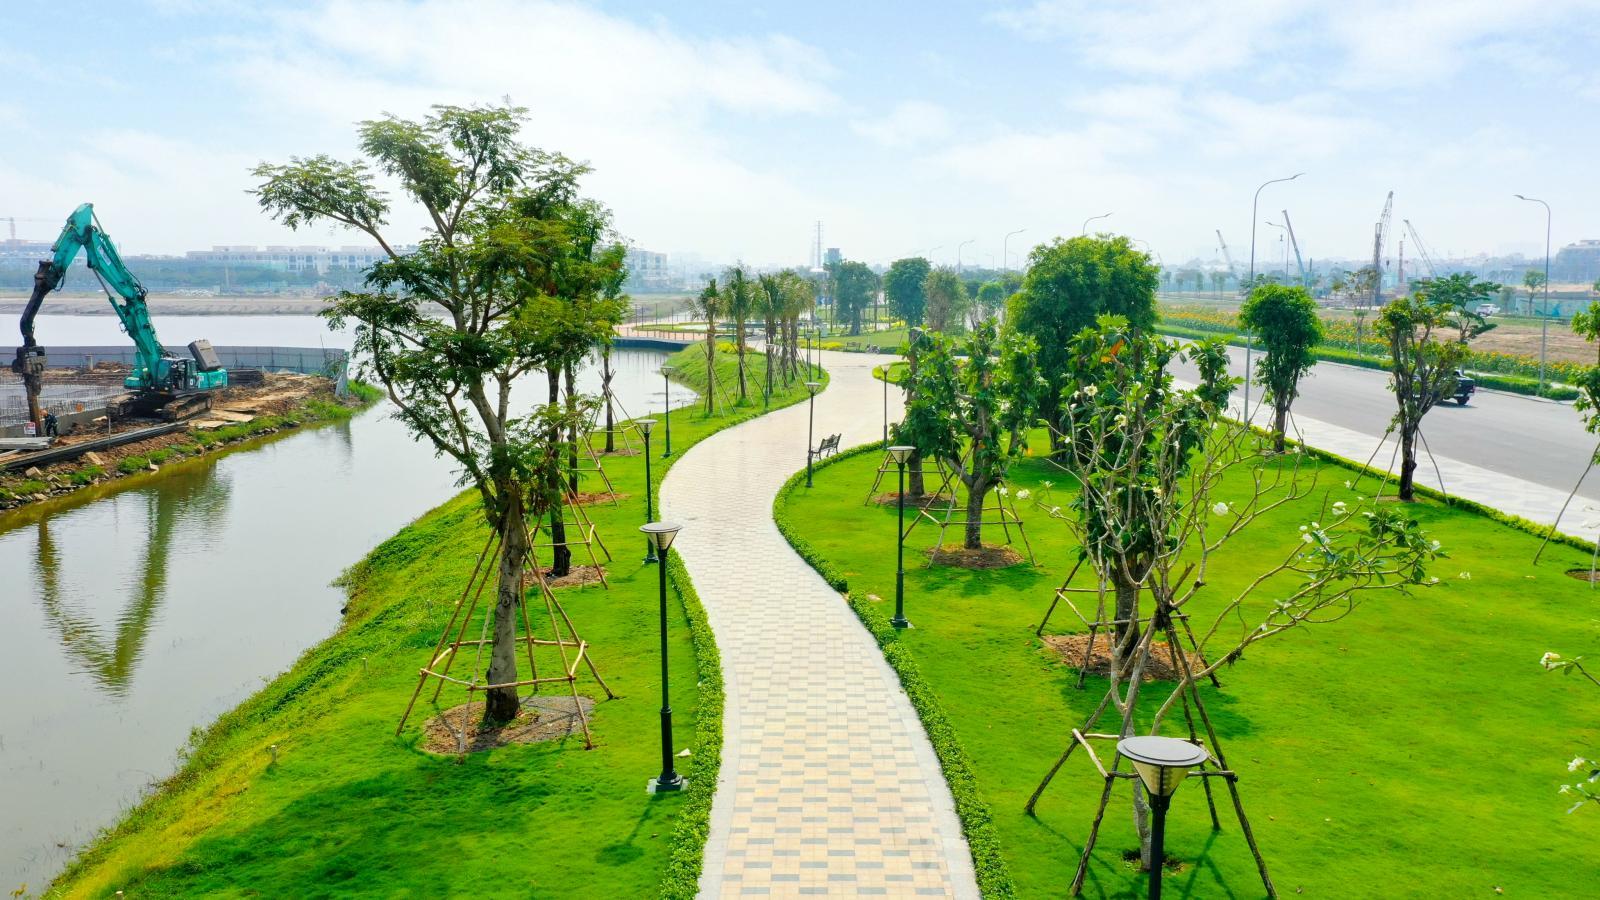 20210129153212 dbf4 Tin thị trường BĐS mới: Hơn 350 tỷ đồng hoàn thiện công viên và tuyến đi bộ tại Van Phuc City